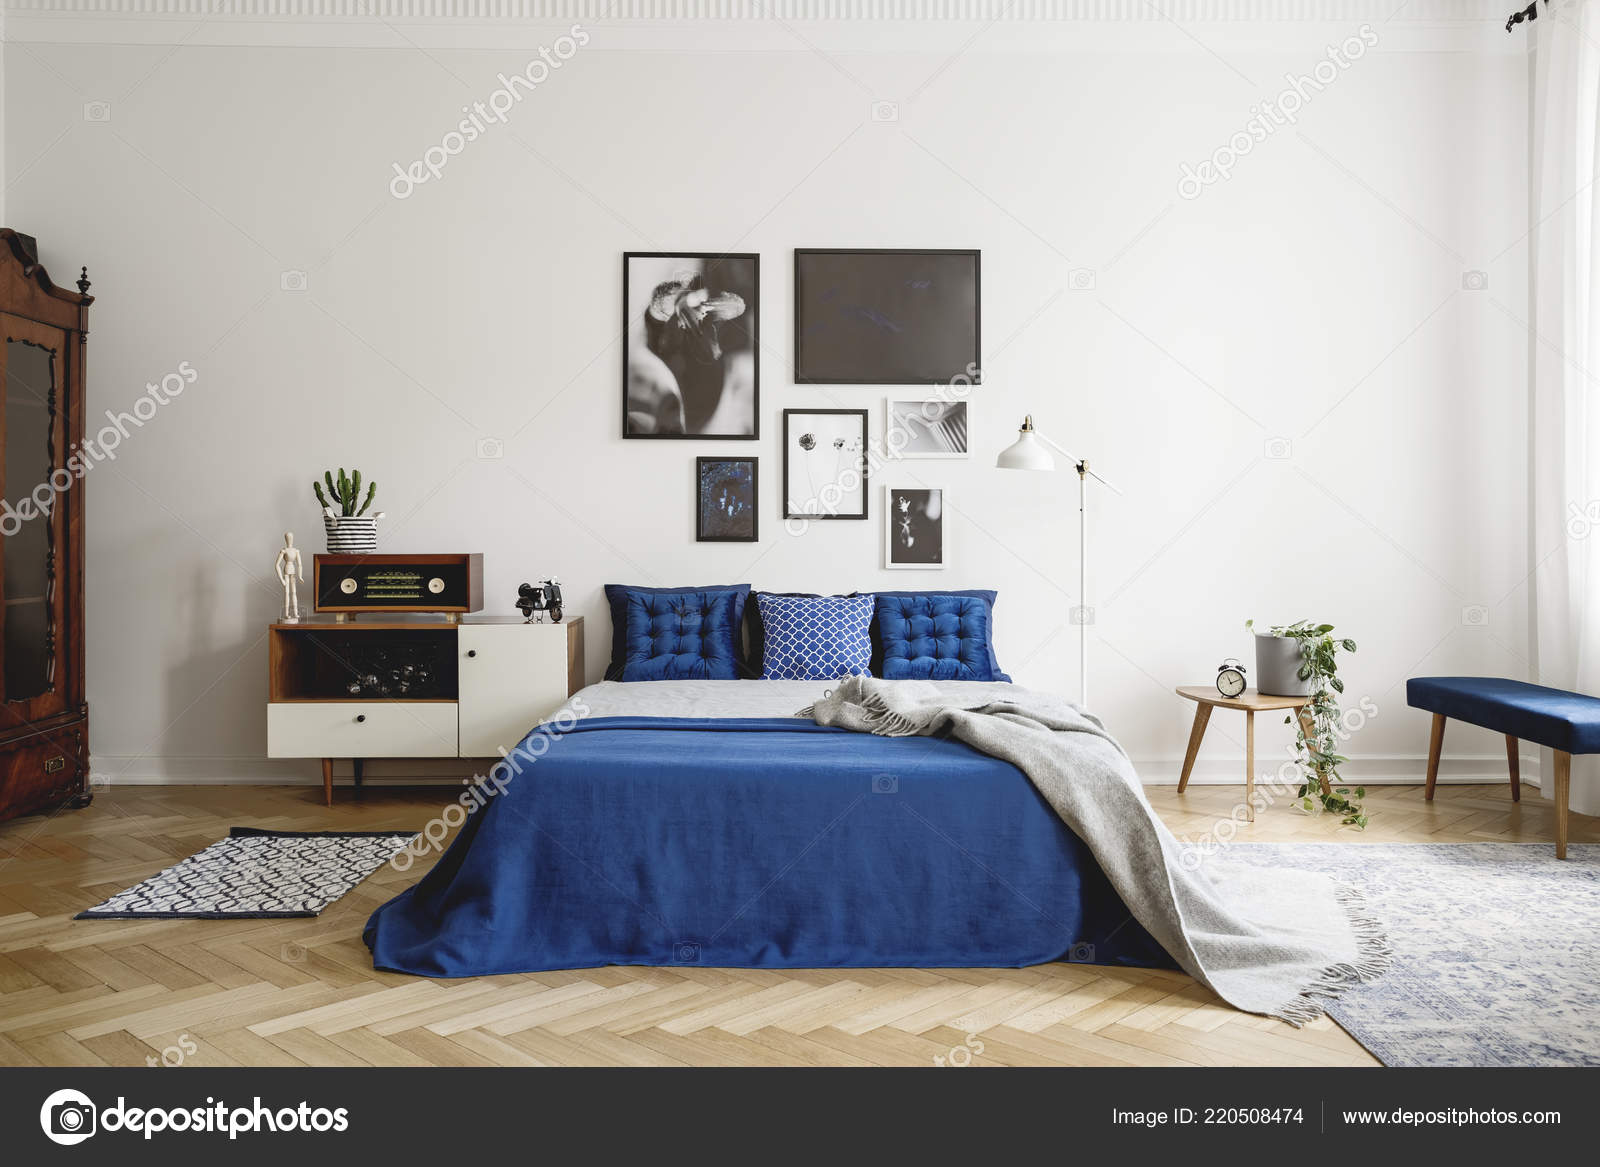 King Size Vintage.Vintage Bedroom Interior Bedside Table King Size Bed Blue